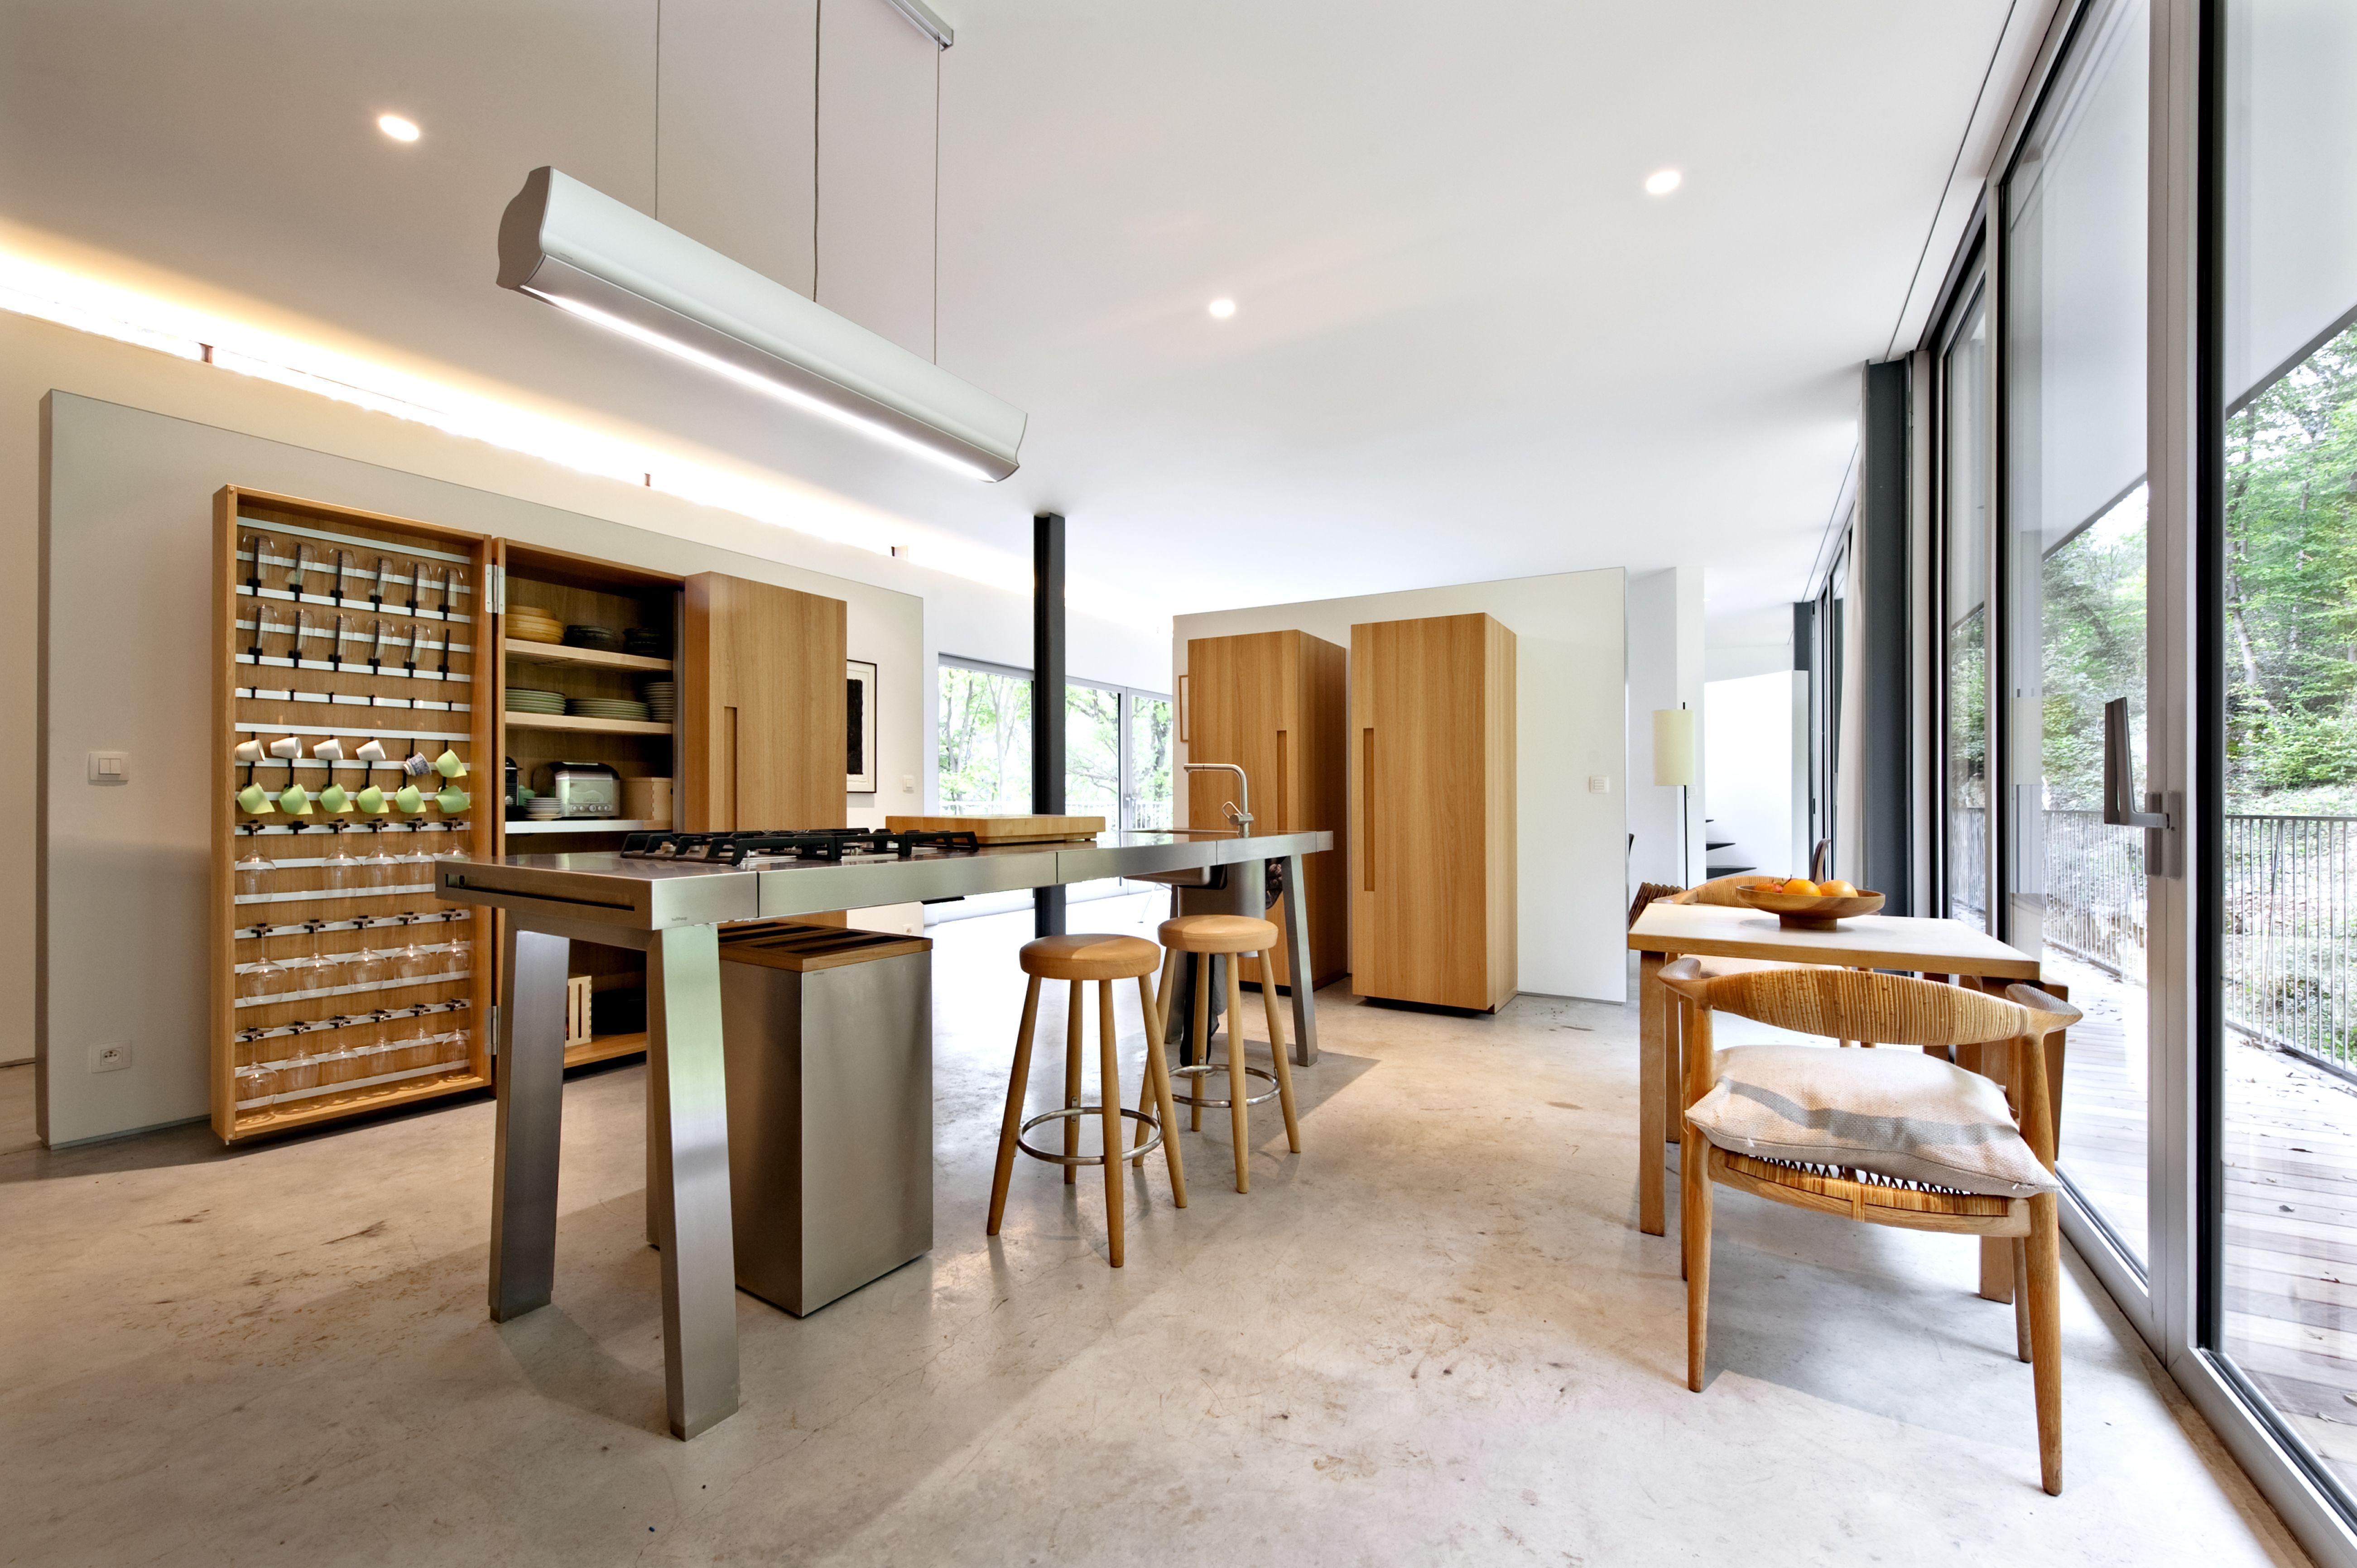 bulthaup cuisine b2 r alisation par the kitchen bulthaup belux kitchen realisations. Black Bedroom Furniture Sets. Home Design Ideas